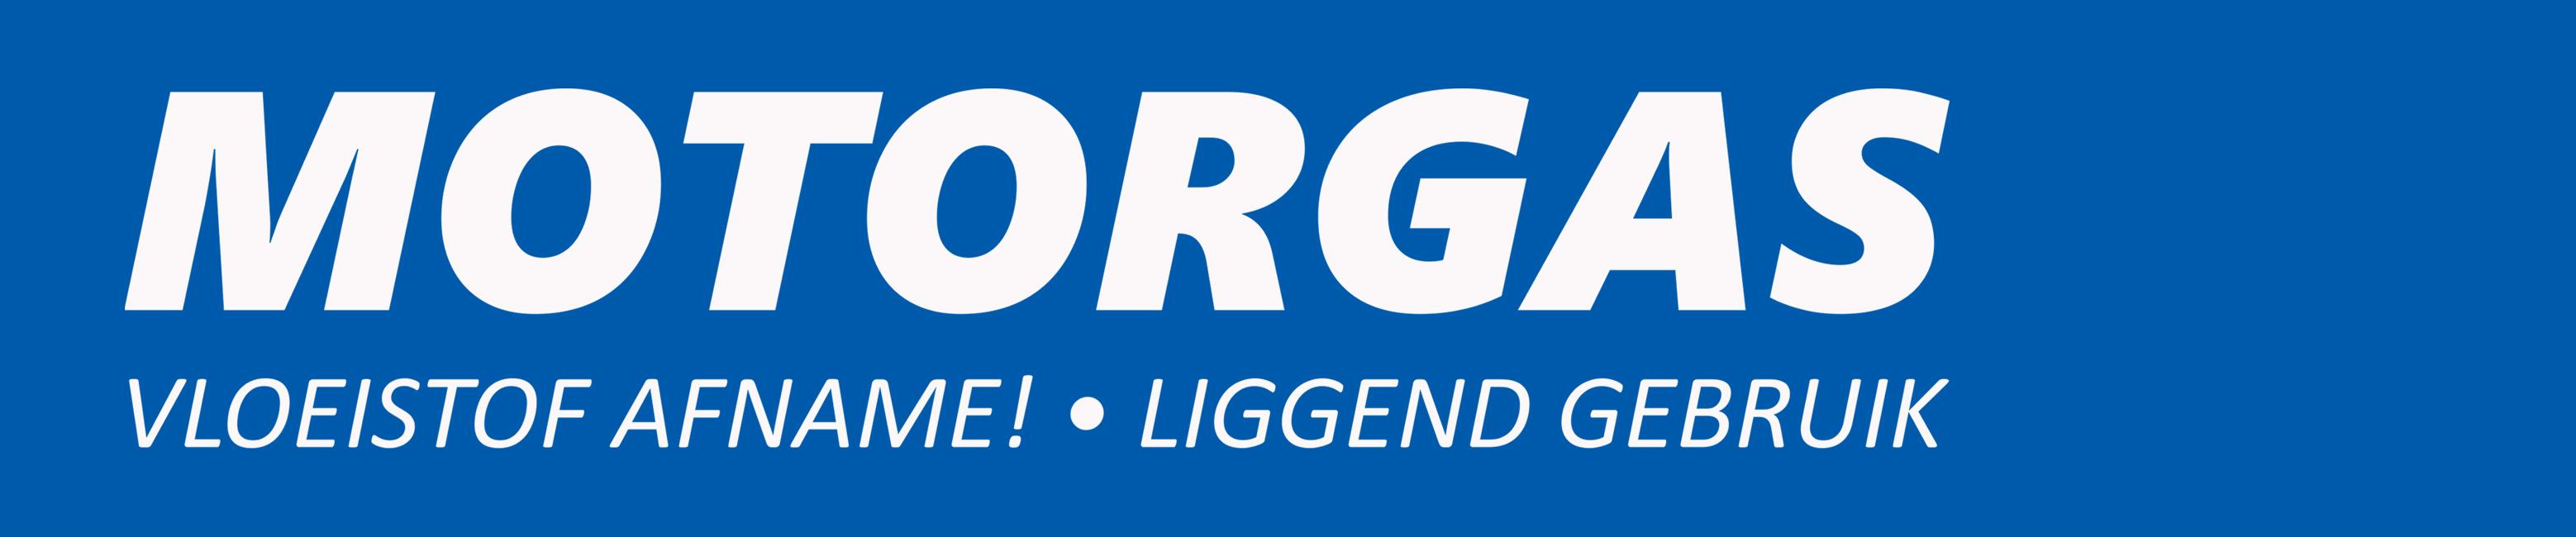 motorgas-logo